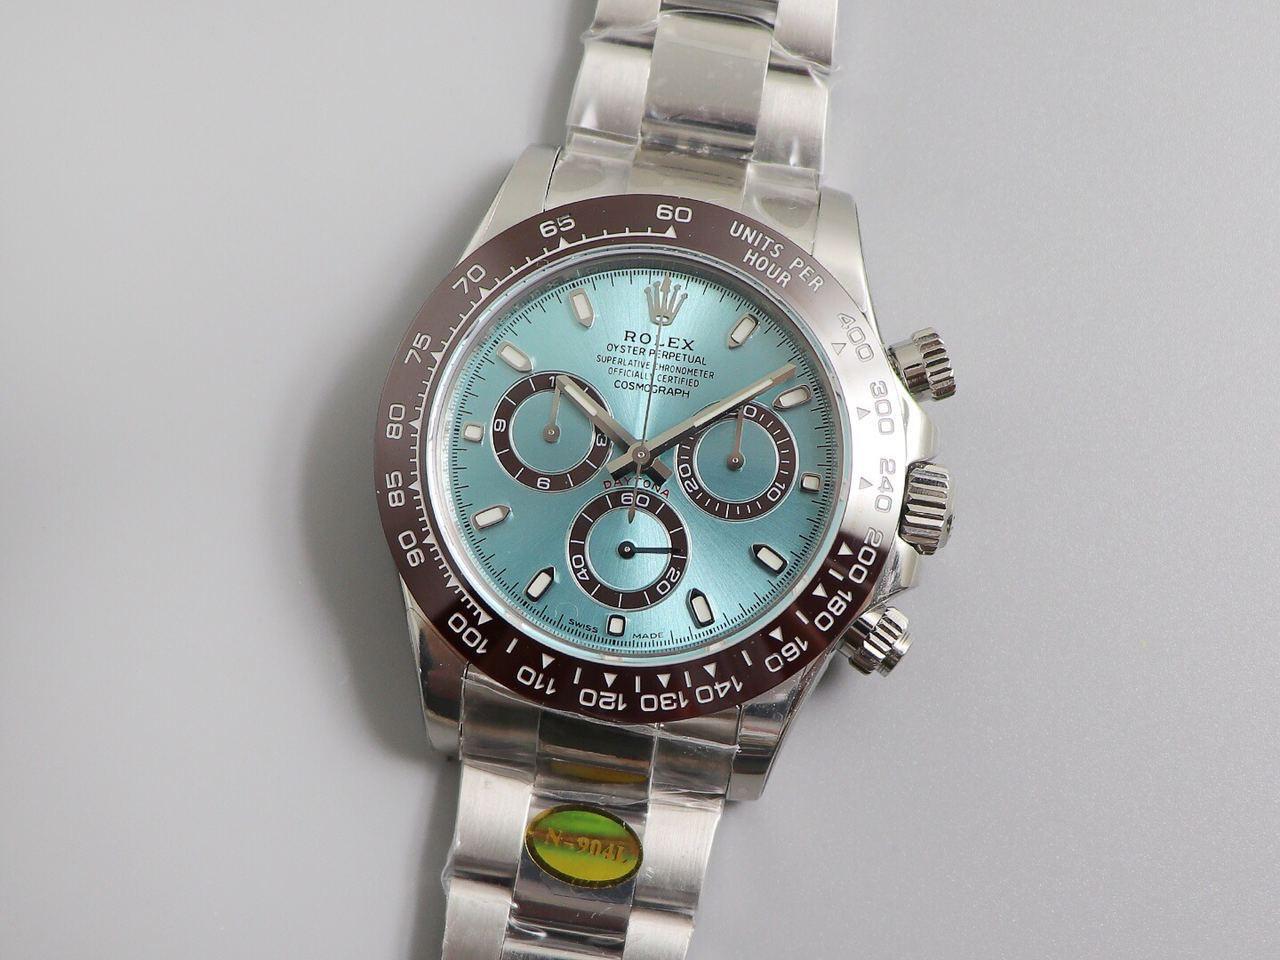 Часы Rolex Oyster Perpetual Cosmograph Daytona арт. 109-24